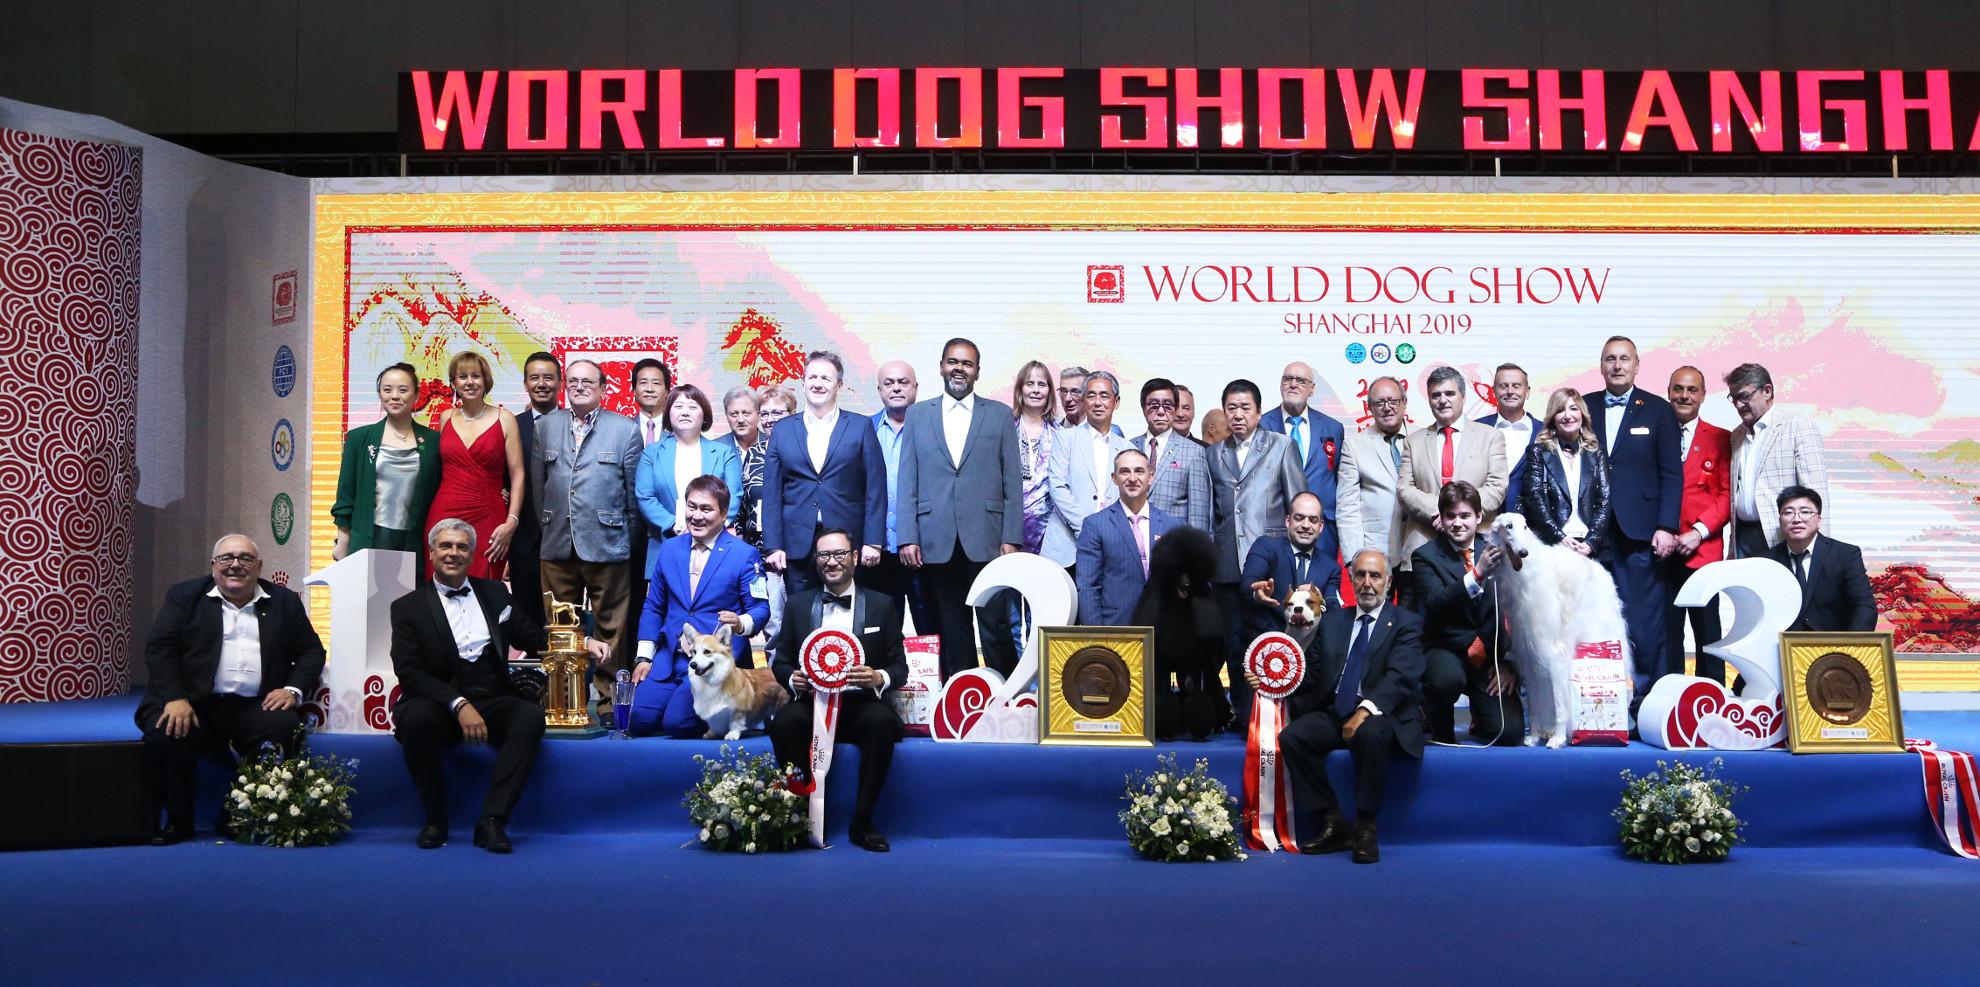 World Dog Shows Shanghai 2019